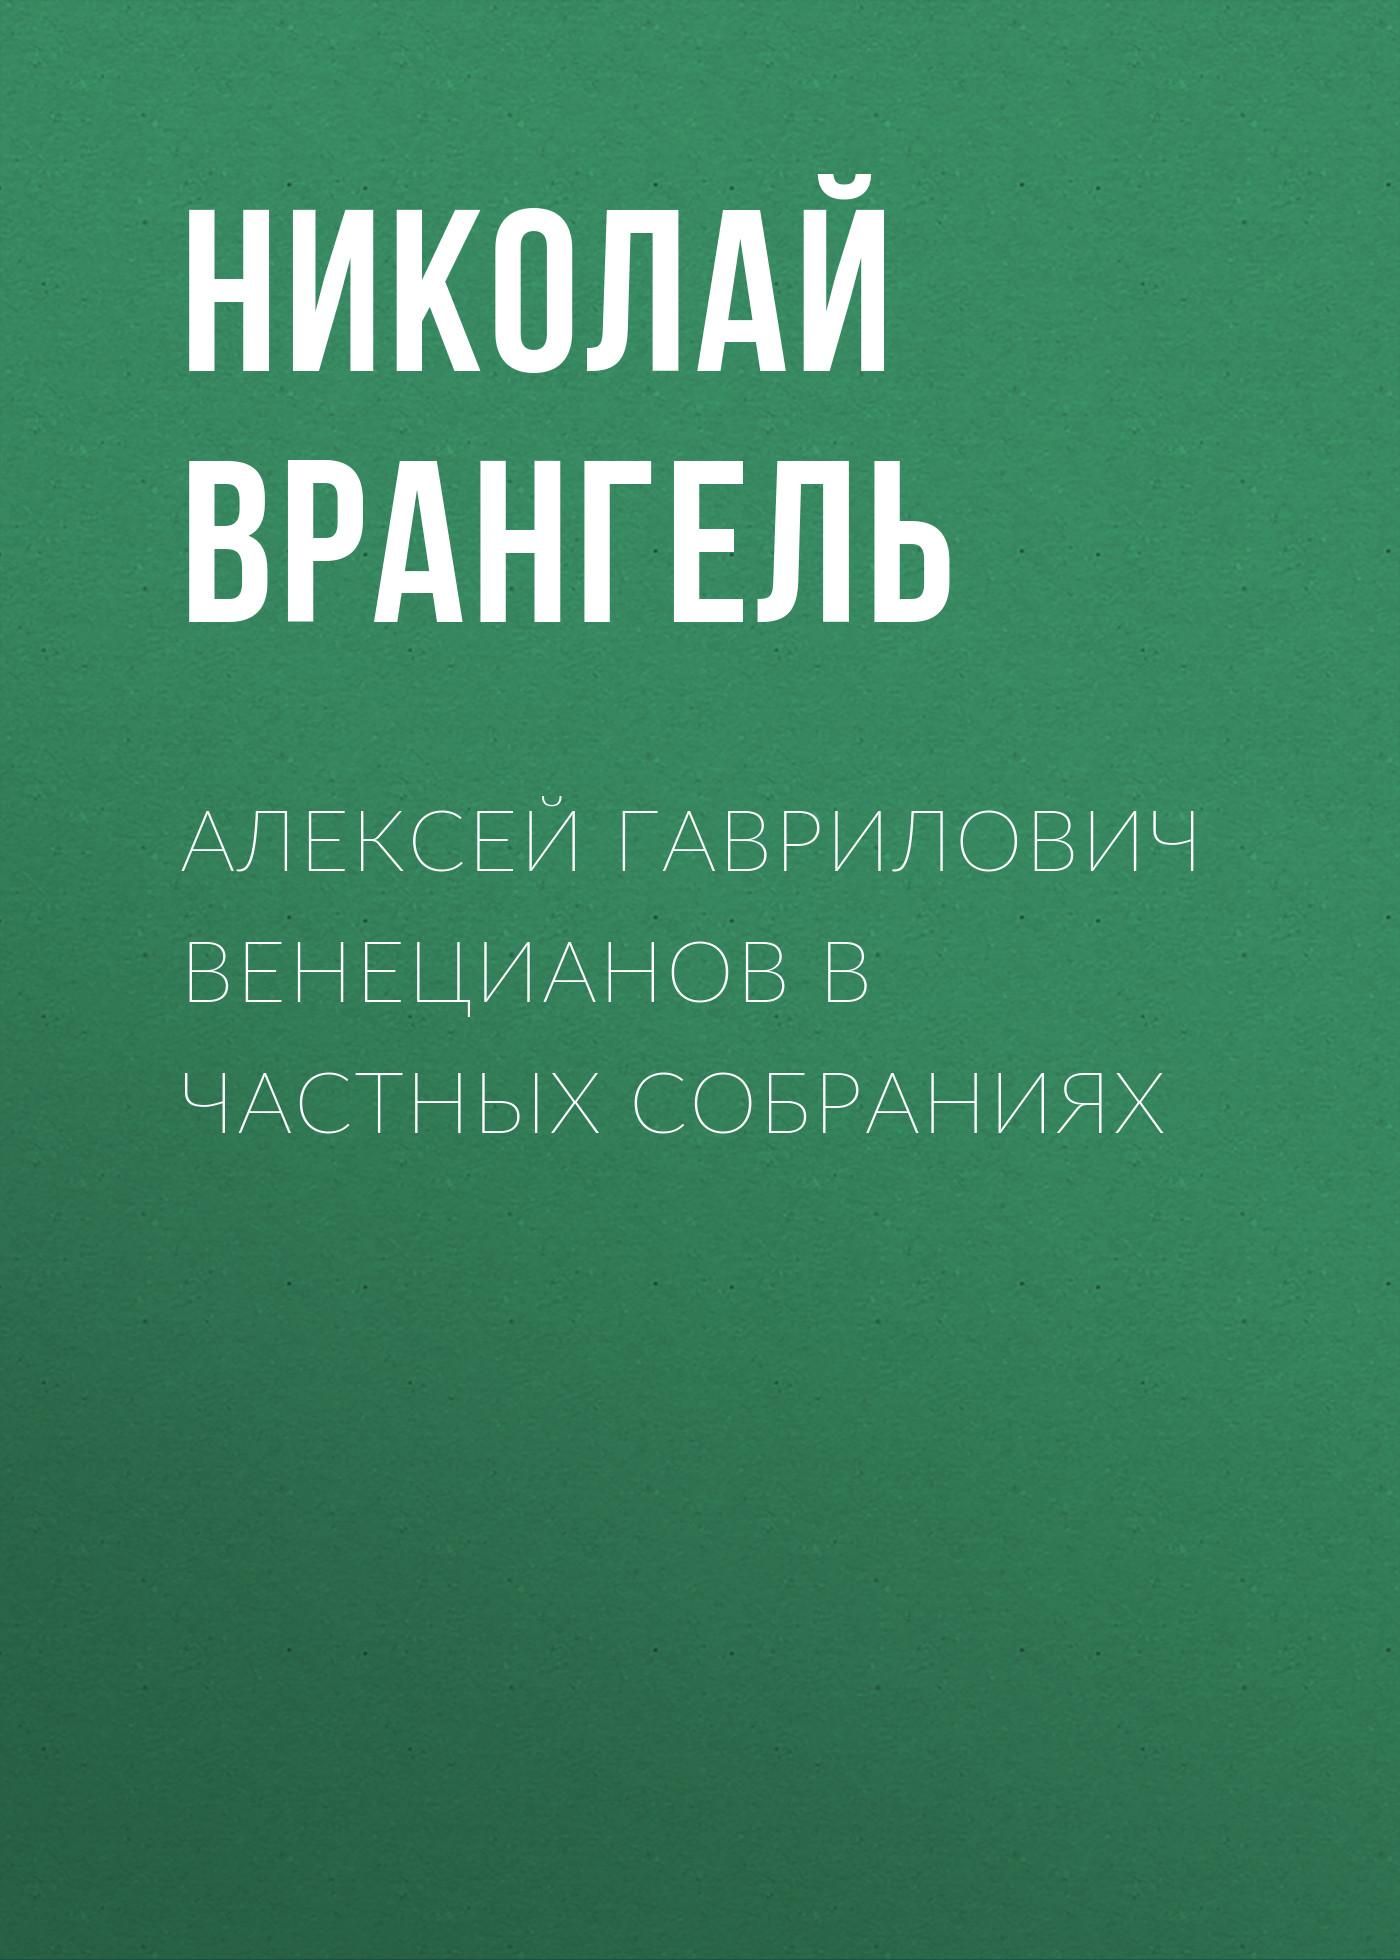 Николай Врангель Алексей Гаврилович Венецианов в частных собраниях цена 2017